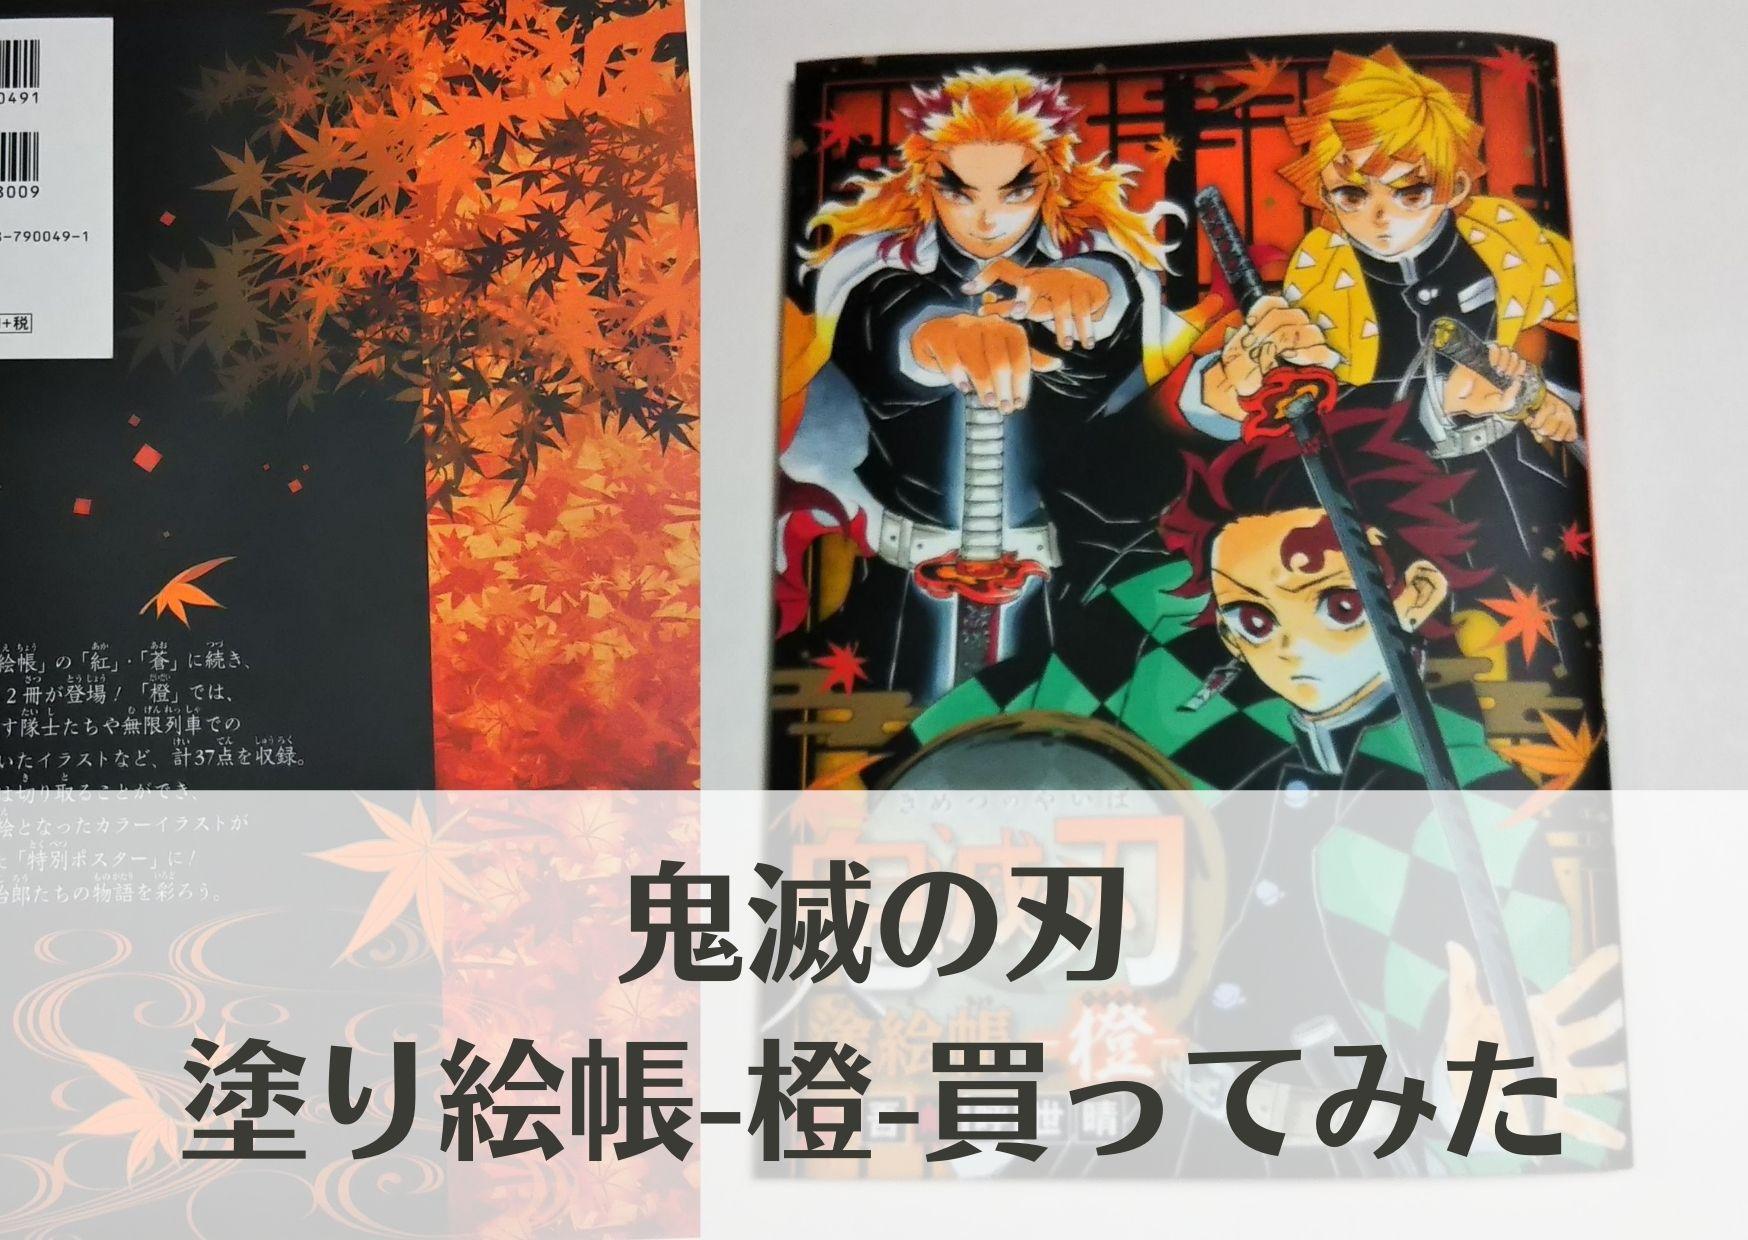 鬼滅の刃の塗り絵『鬼滅の刃 塗絵帳 -橙-』買ってみた!煉獄杏寿郎ファンは蒼&橙マストバイです